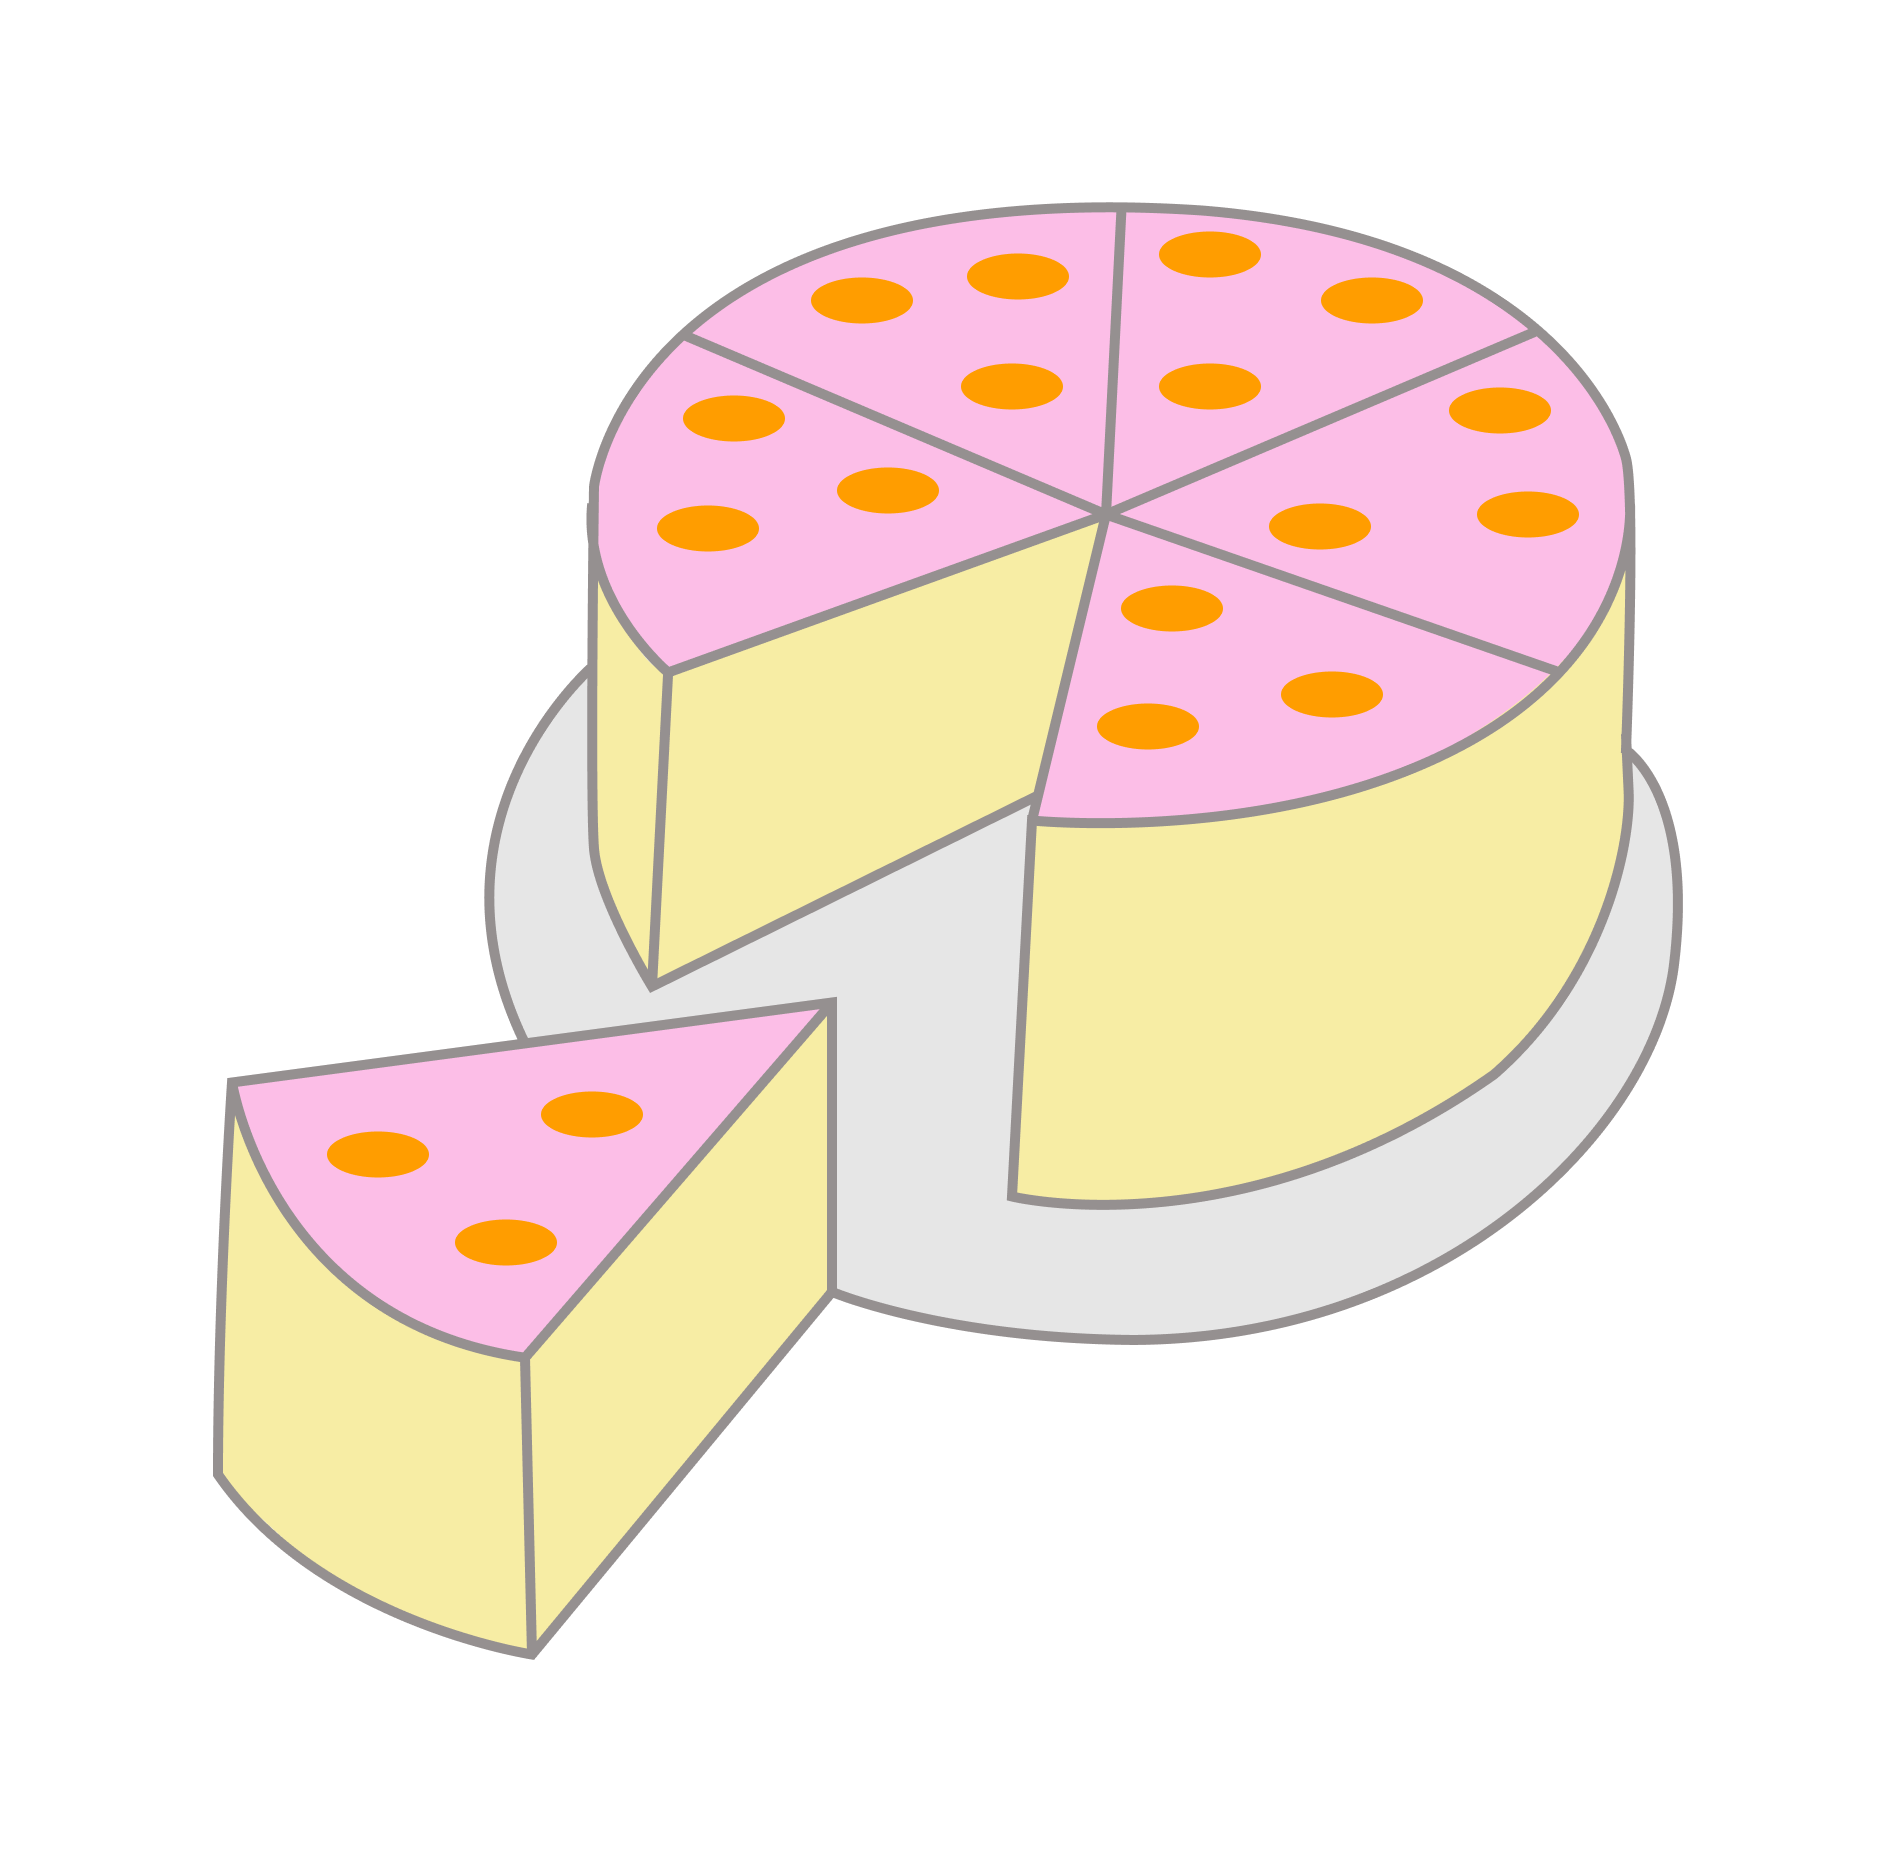 Дроби на примере торта